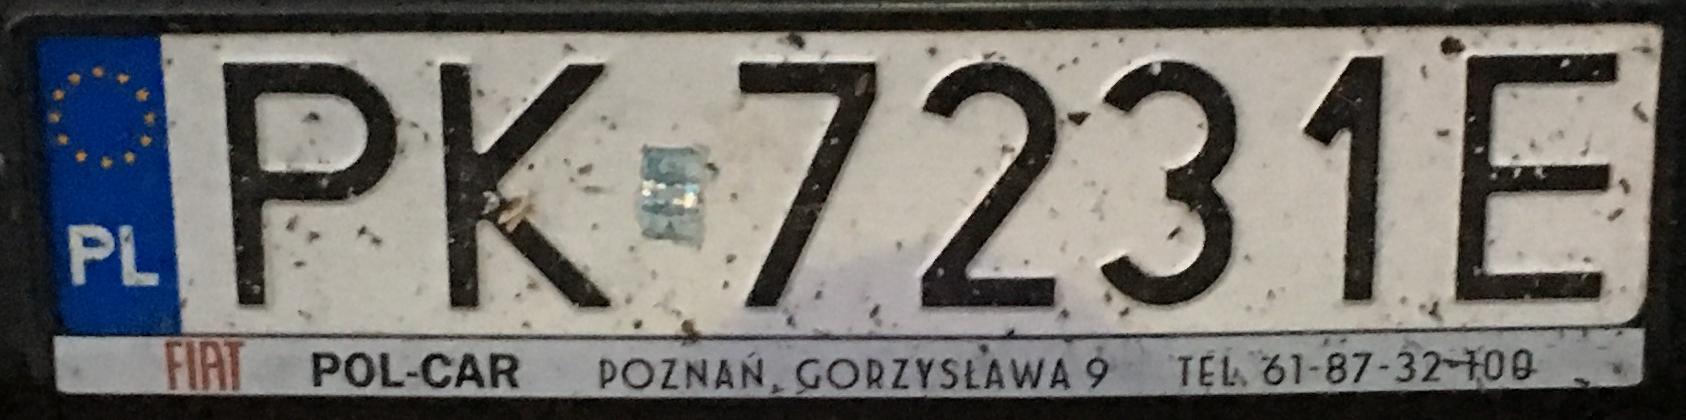 Registrační značka Polsko – PK - Kalisz, foto: www.podalnici.cz